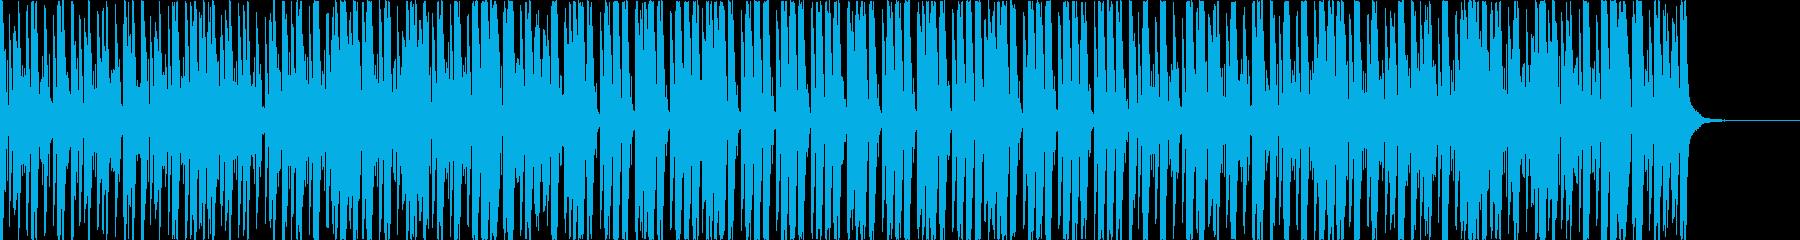 ピアノと弦のおしゃれなポップハウスの再生済みの波形